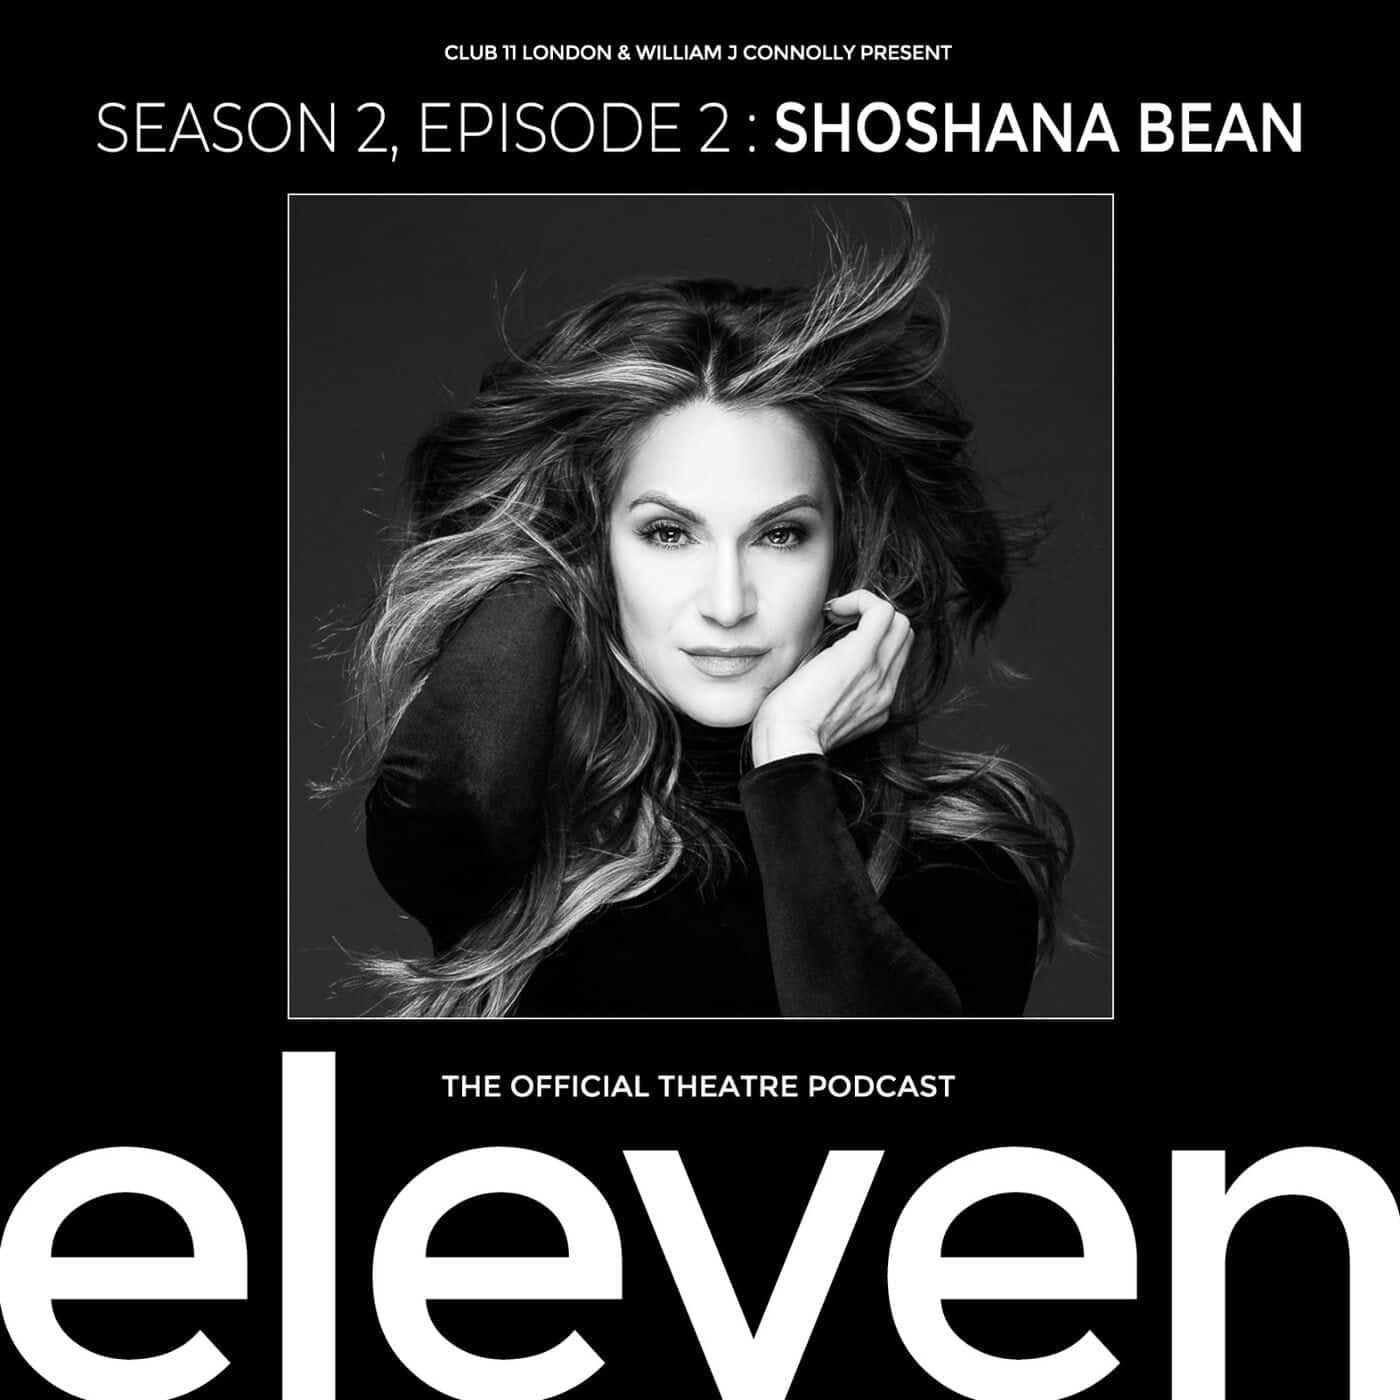 S2 Ep2: Shoshana Bean